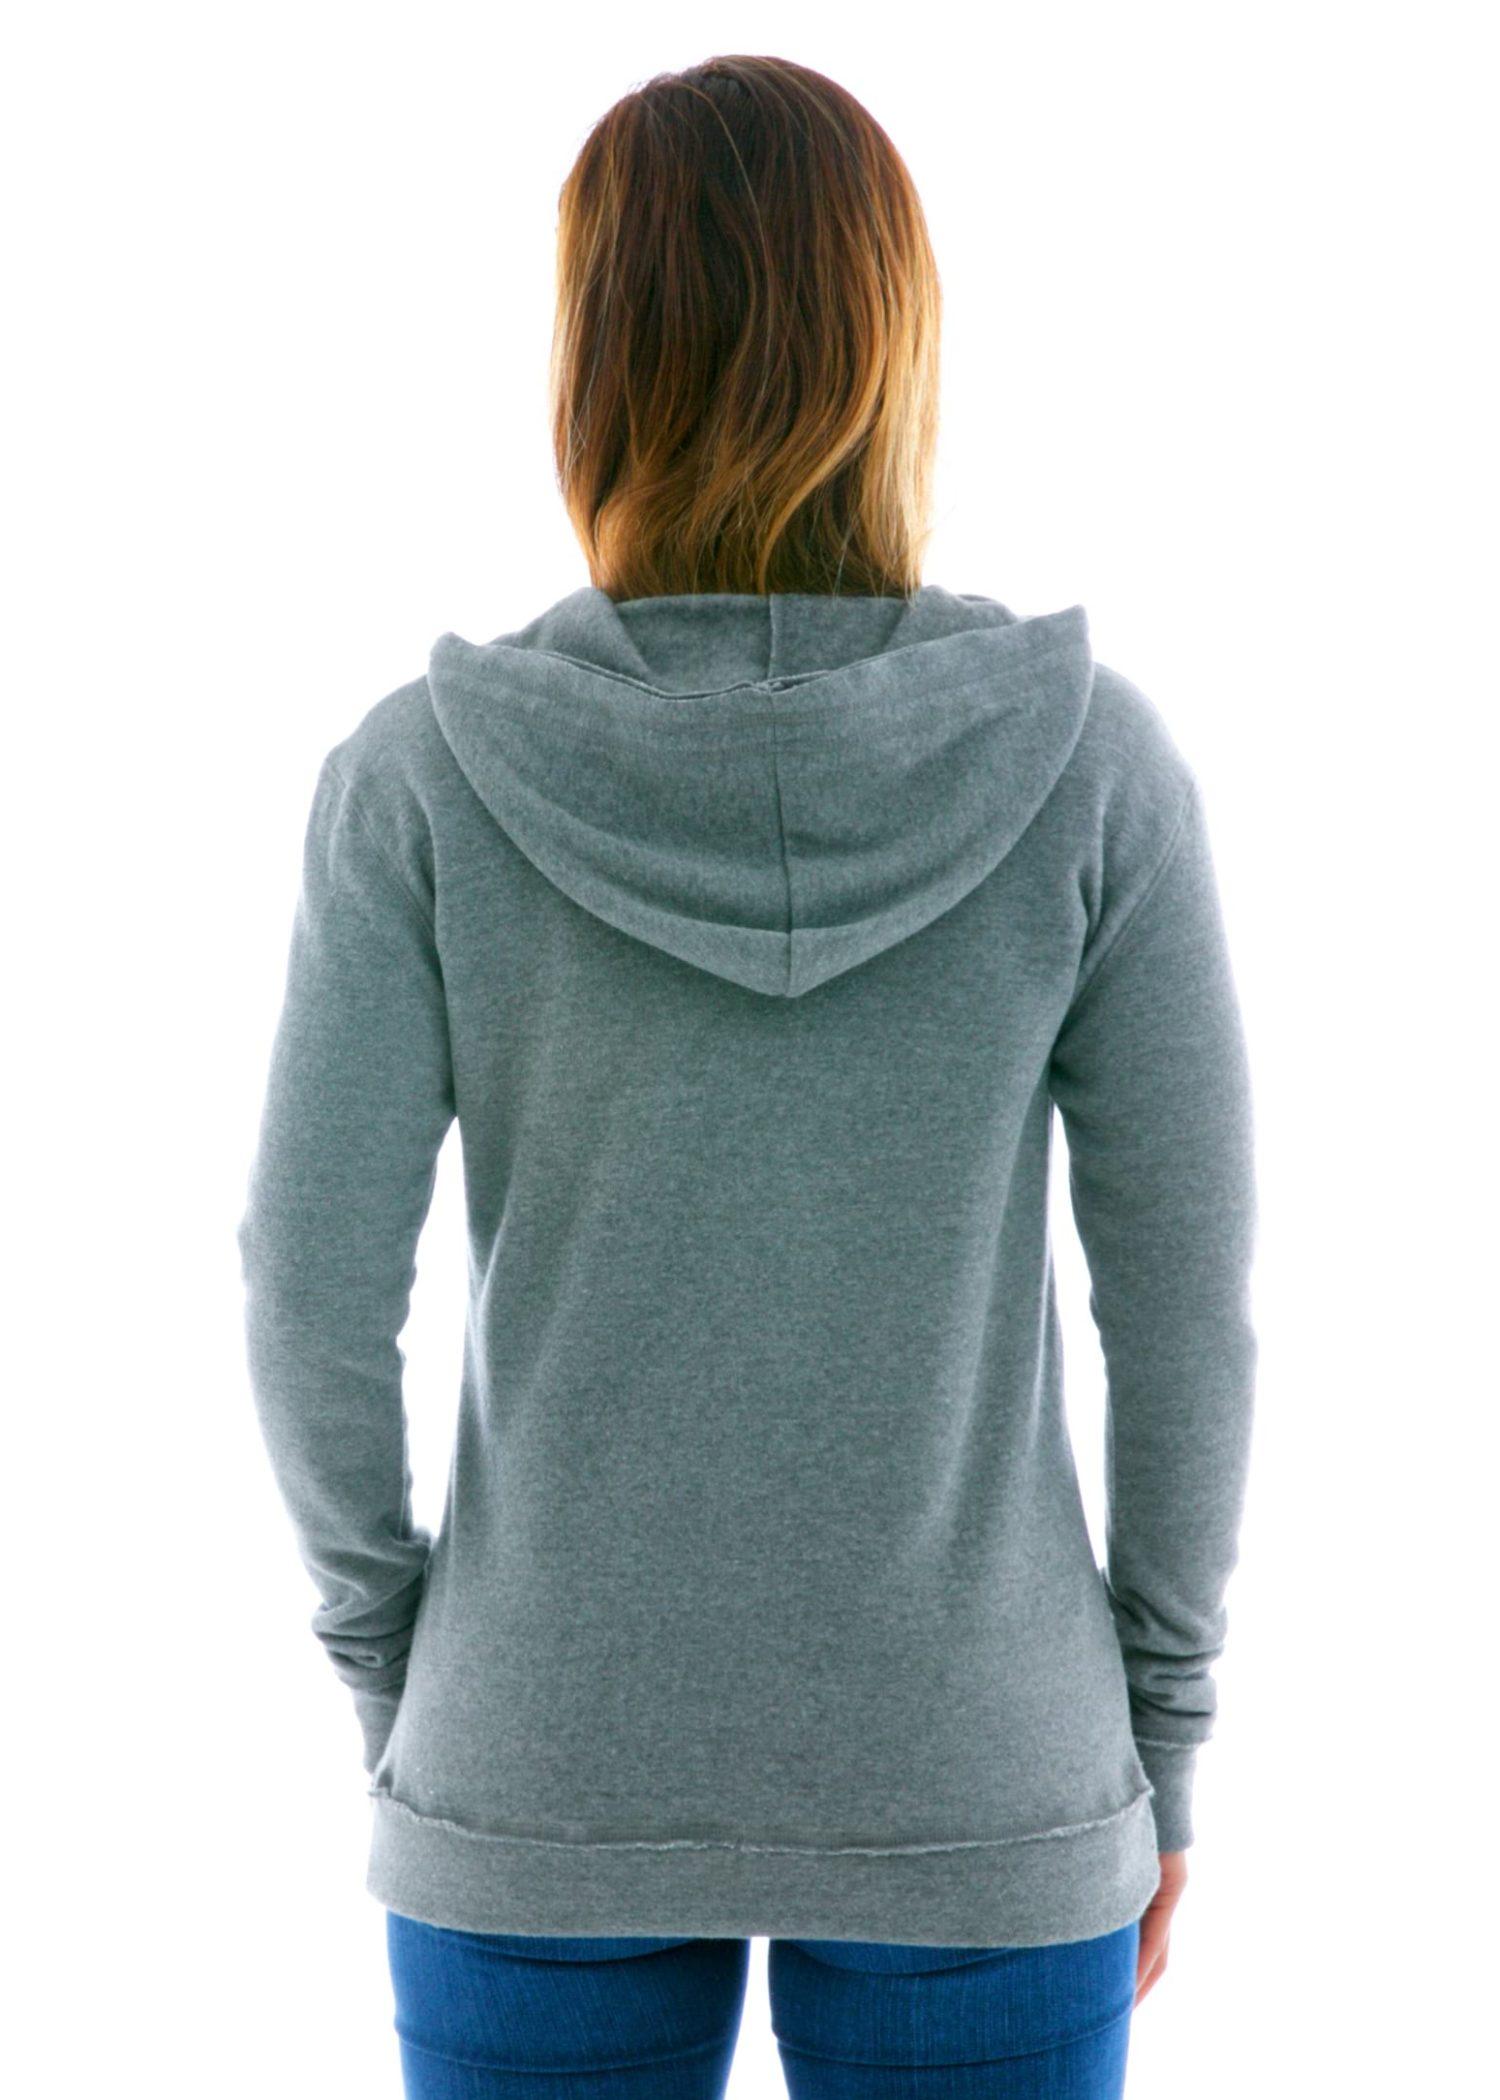 Yoga Scoop Pullover Hoodie Back View